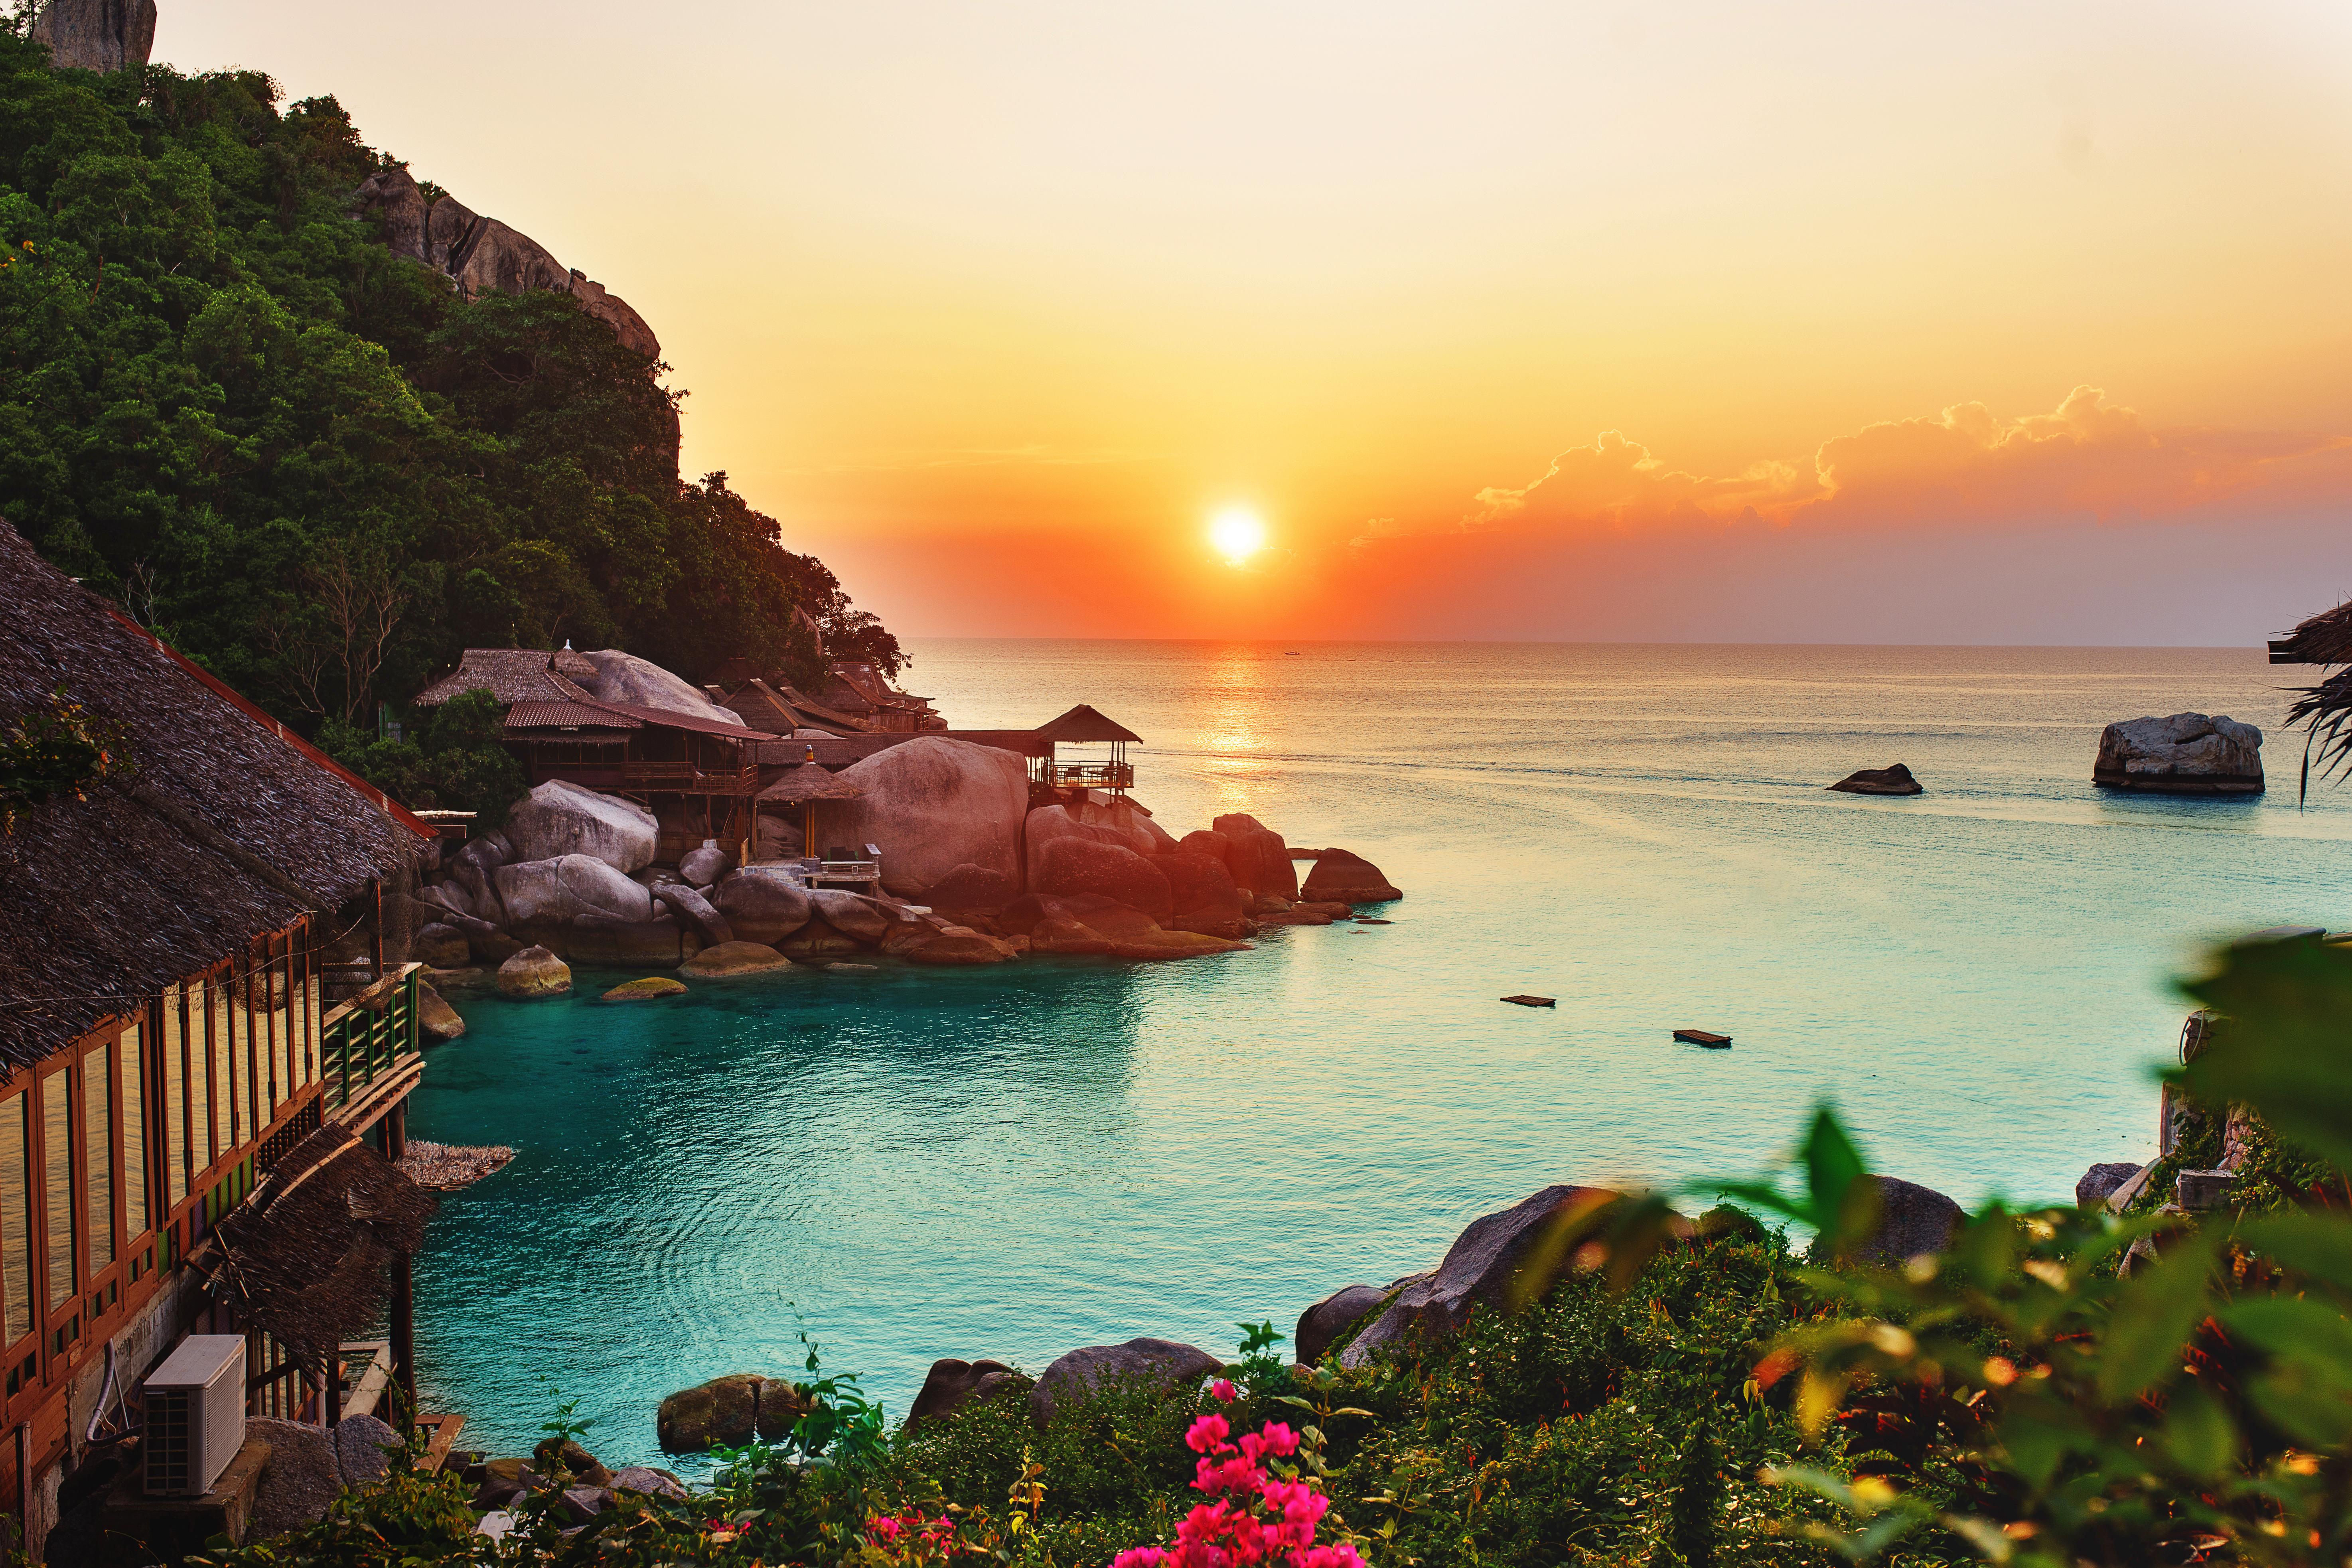 136419 завантажити шпалери Природа, Захід, Пляж, Небокрай, Горизонт, Океан, Рослинність, Рослинності - заставки і картинки безкоштовно